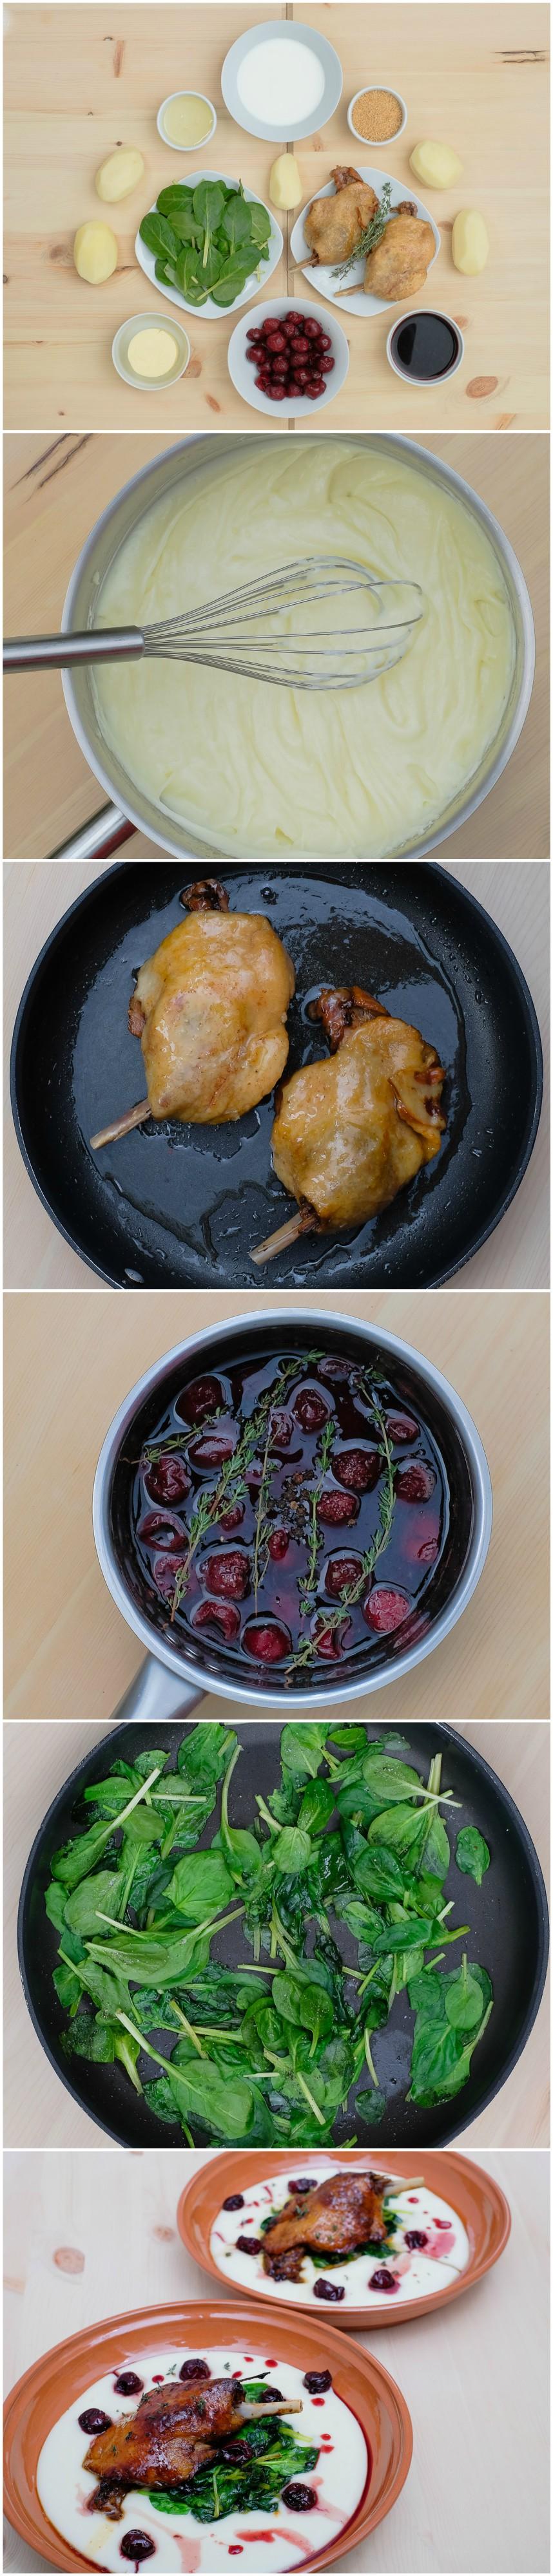 Pulpe de rață confiate cu sos de vișine. Vezi rețeta și comandă pe http://realfoods.ro/ucook | Livrare 8-13 mai 2017